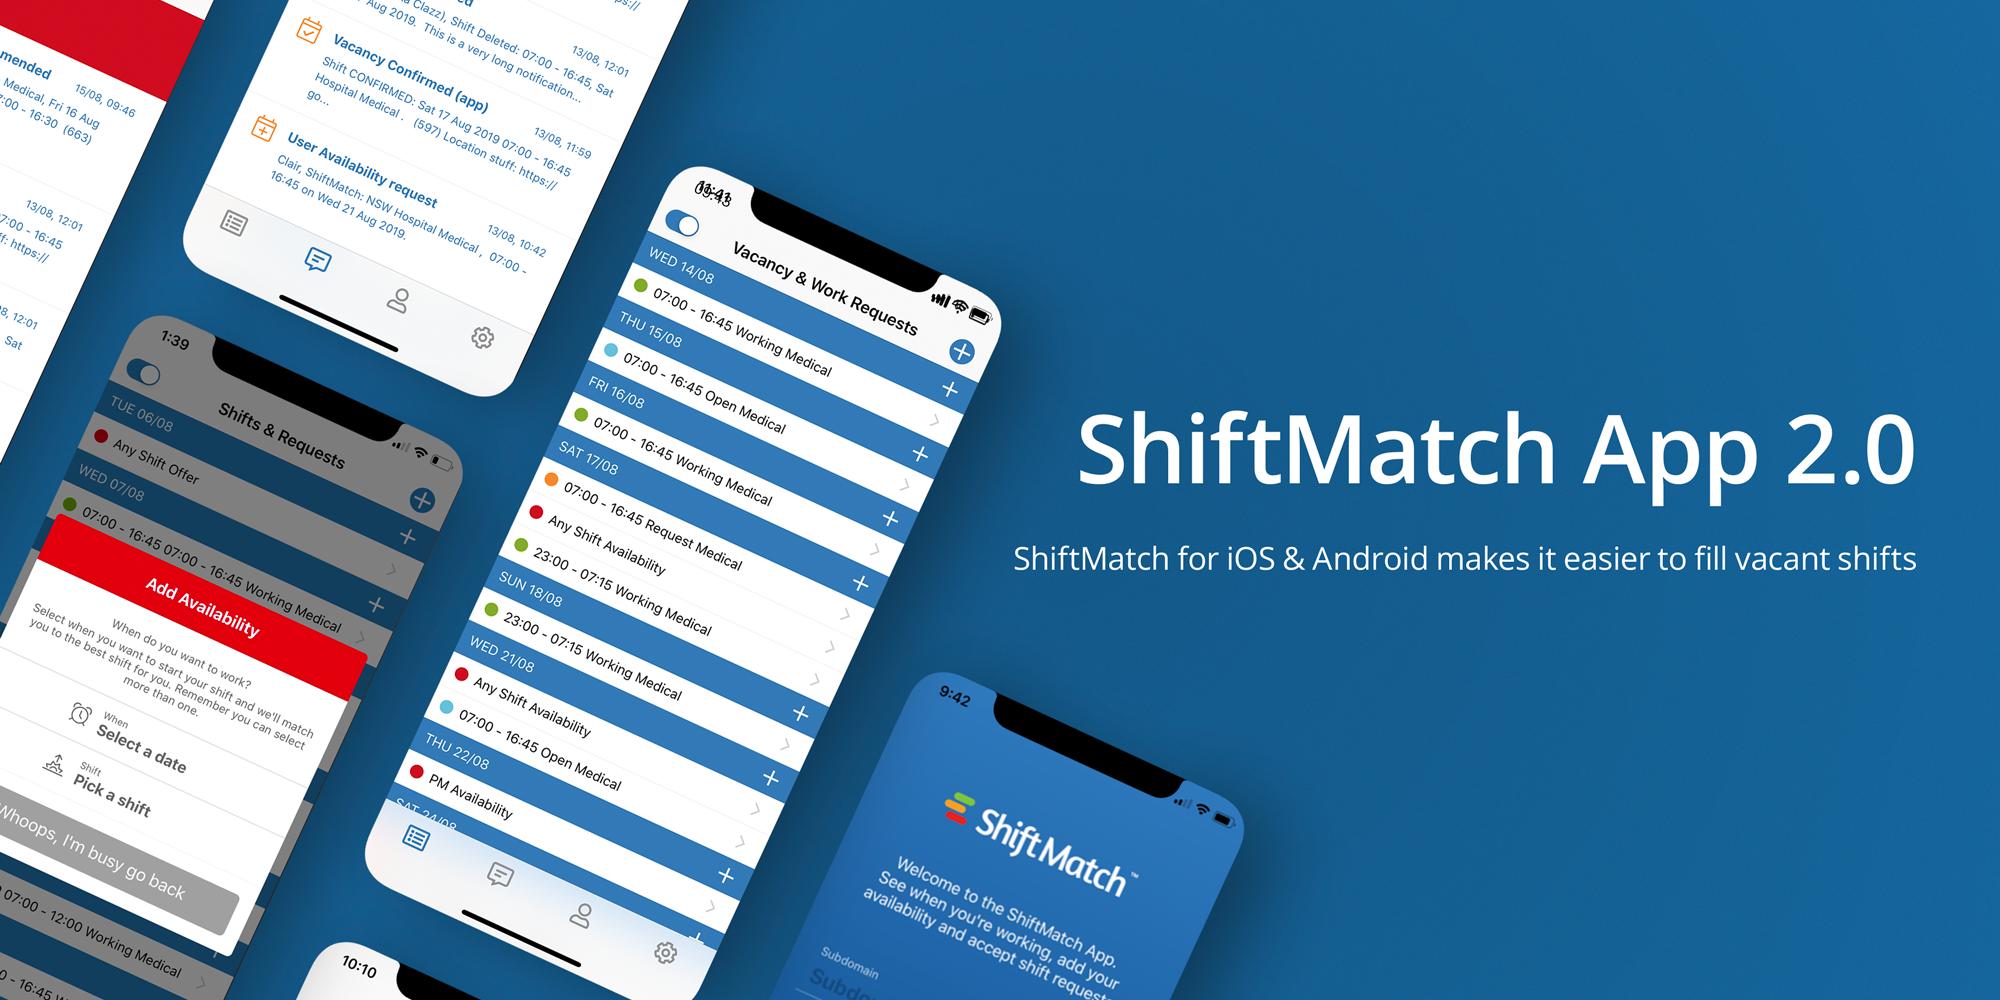 ShiftMatch 2.0